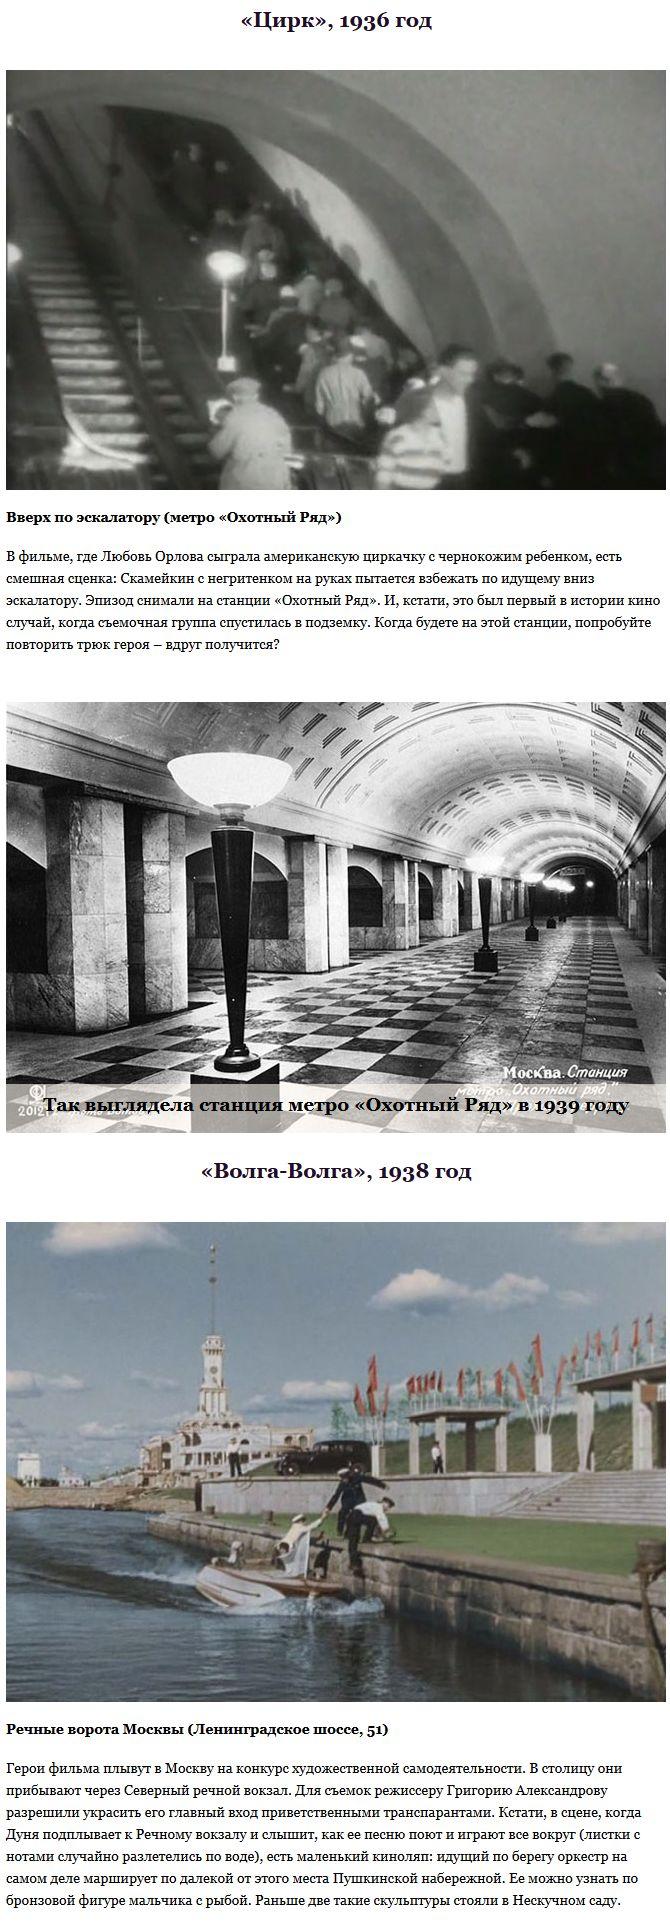 Места съемок культовых кинофильмов в Москве (17 фото)